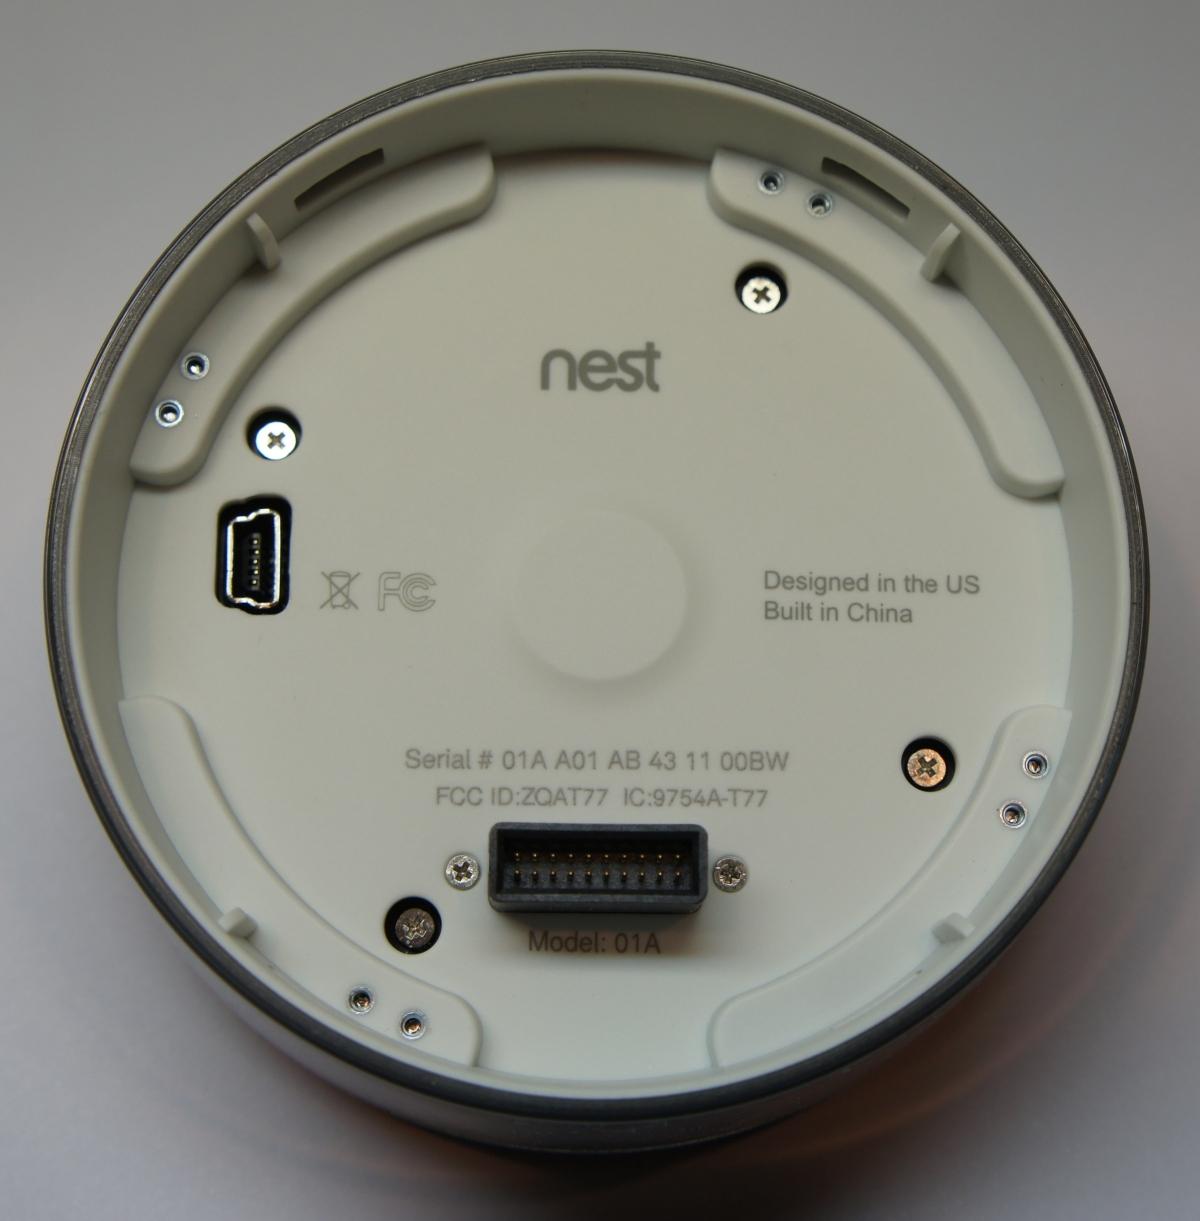 Nest Thermostat Teardown Learn Sparkfun Com